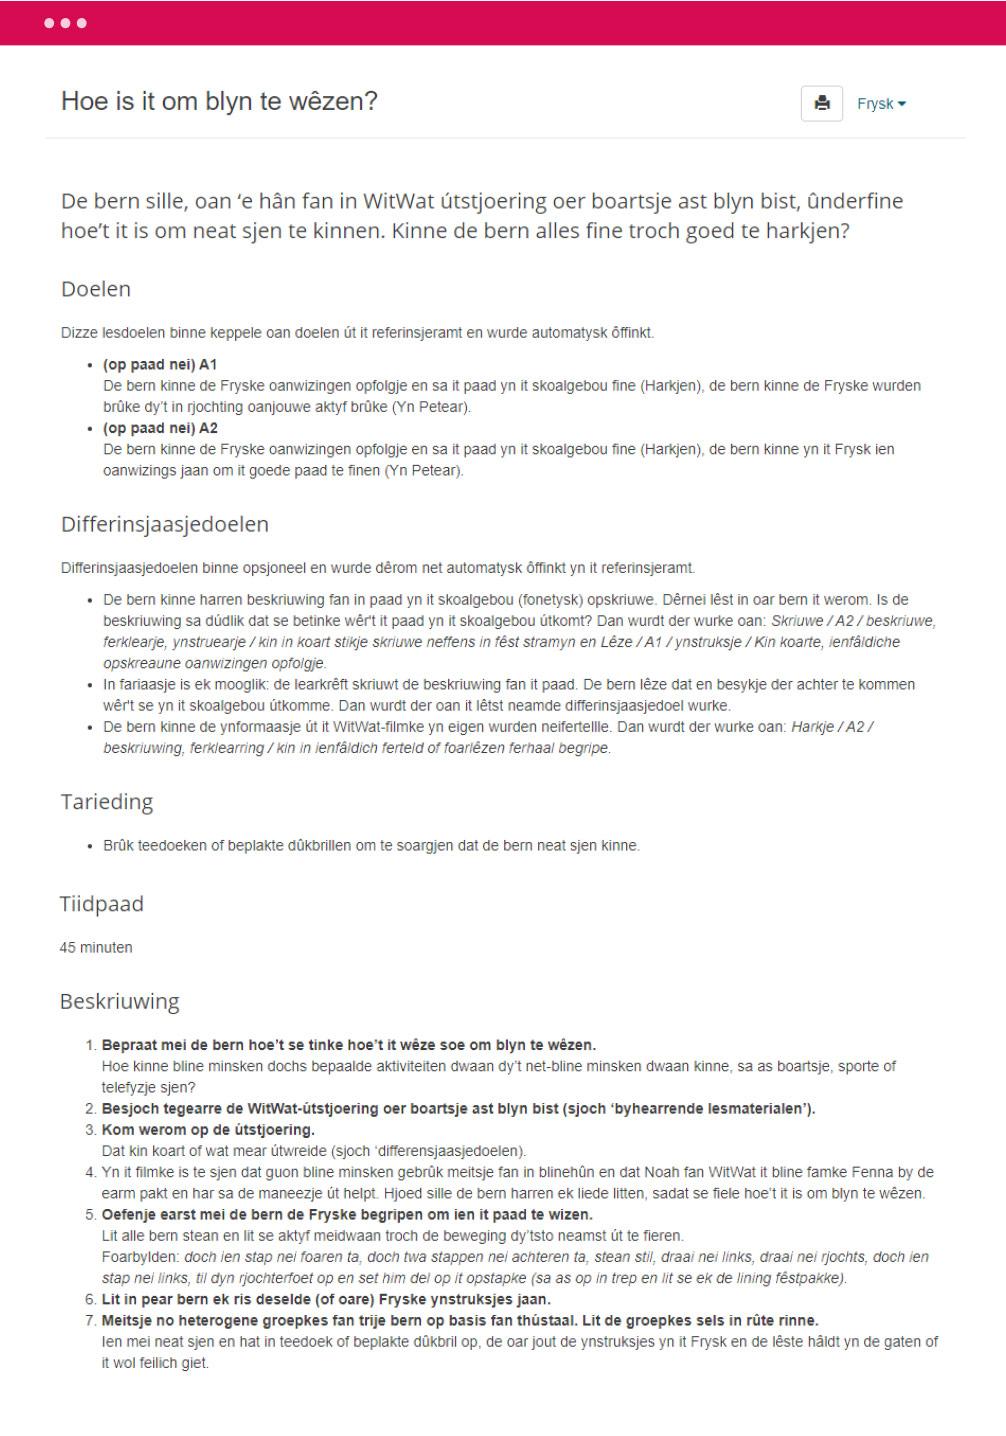 Spoar 8 - Handleiding van een taalaktiviteit